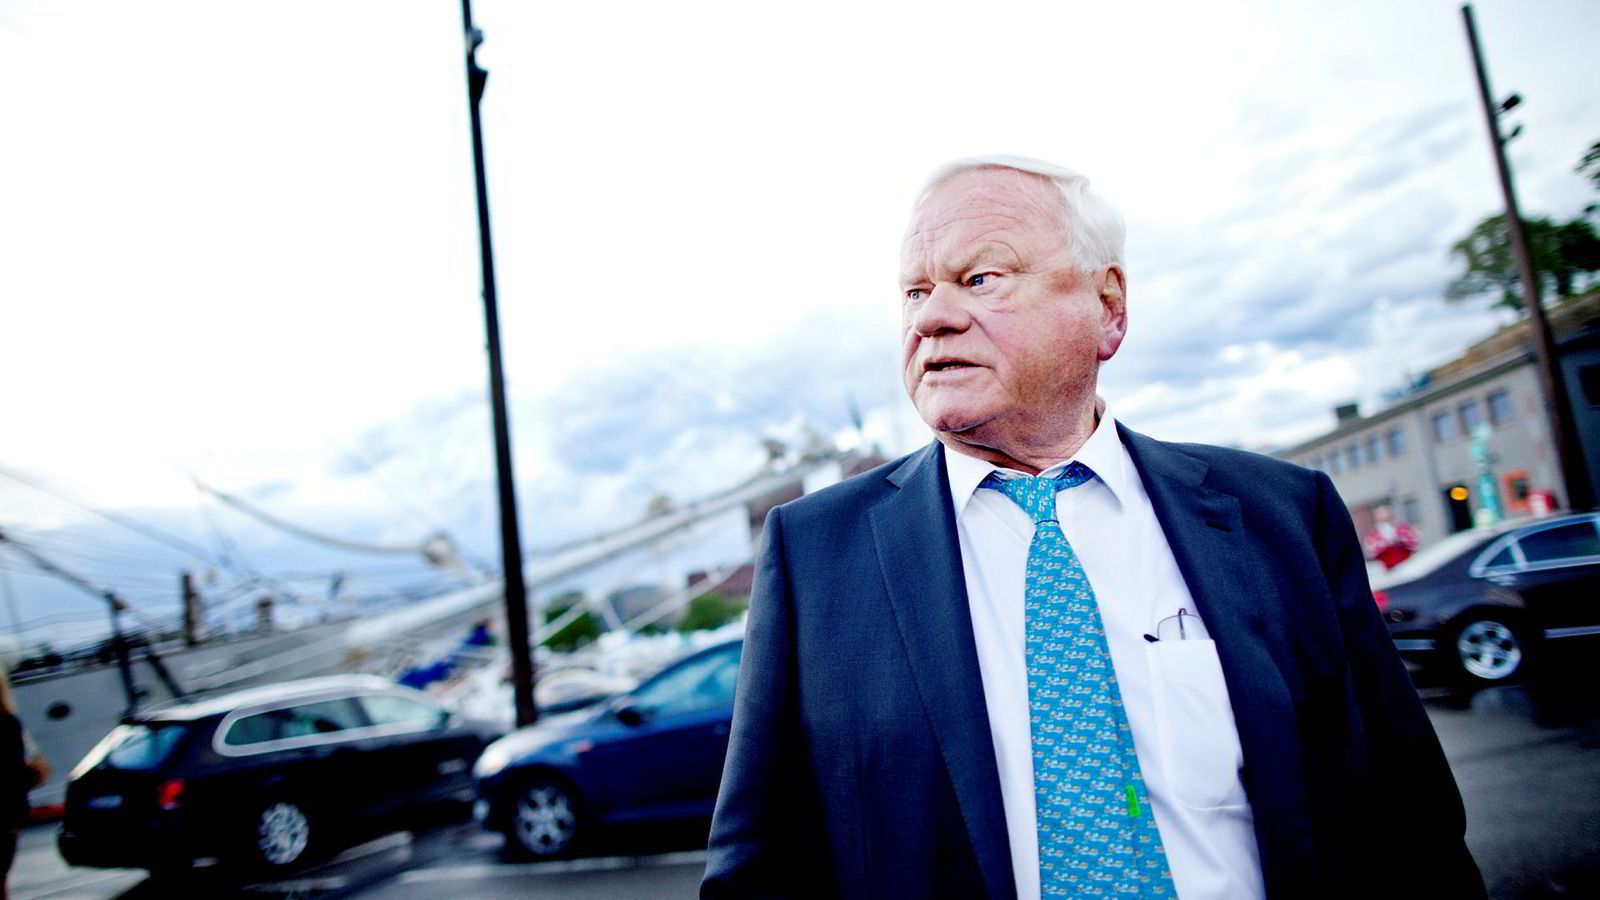 Milliardær John Fredriksen er eier av selskapet Seatankers, og har nå bestilt tankskip til en verdi av 4,4 milliarder kroner.